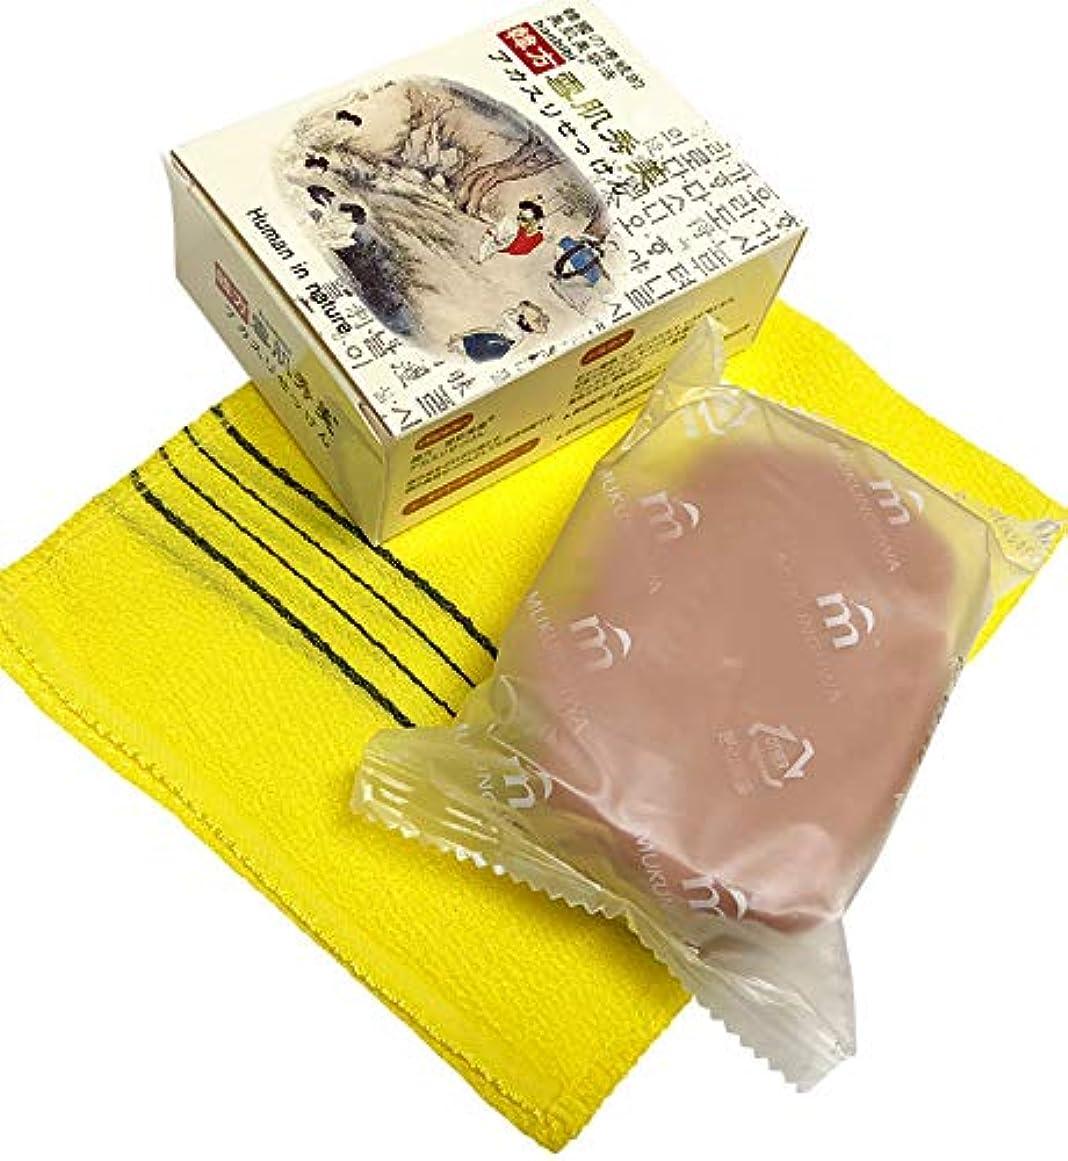 家庭蓄積する私たち自身人気の顔、体兼用、蜂蜜香りの韓方石ケン、韓国コスメ 韓方[雪肌美]蜂蜜アカスリせっけん アカスリ専用タオル付き